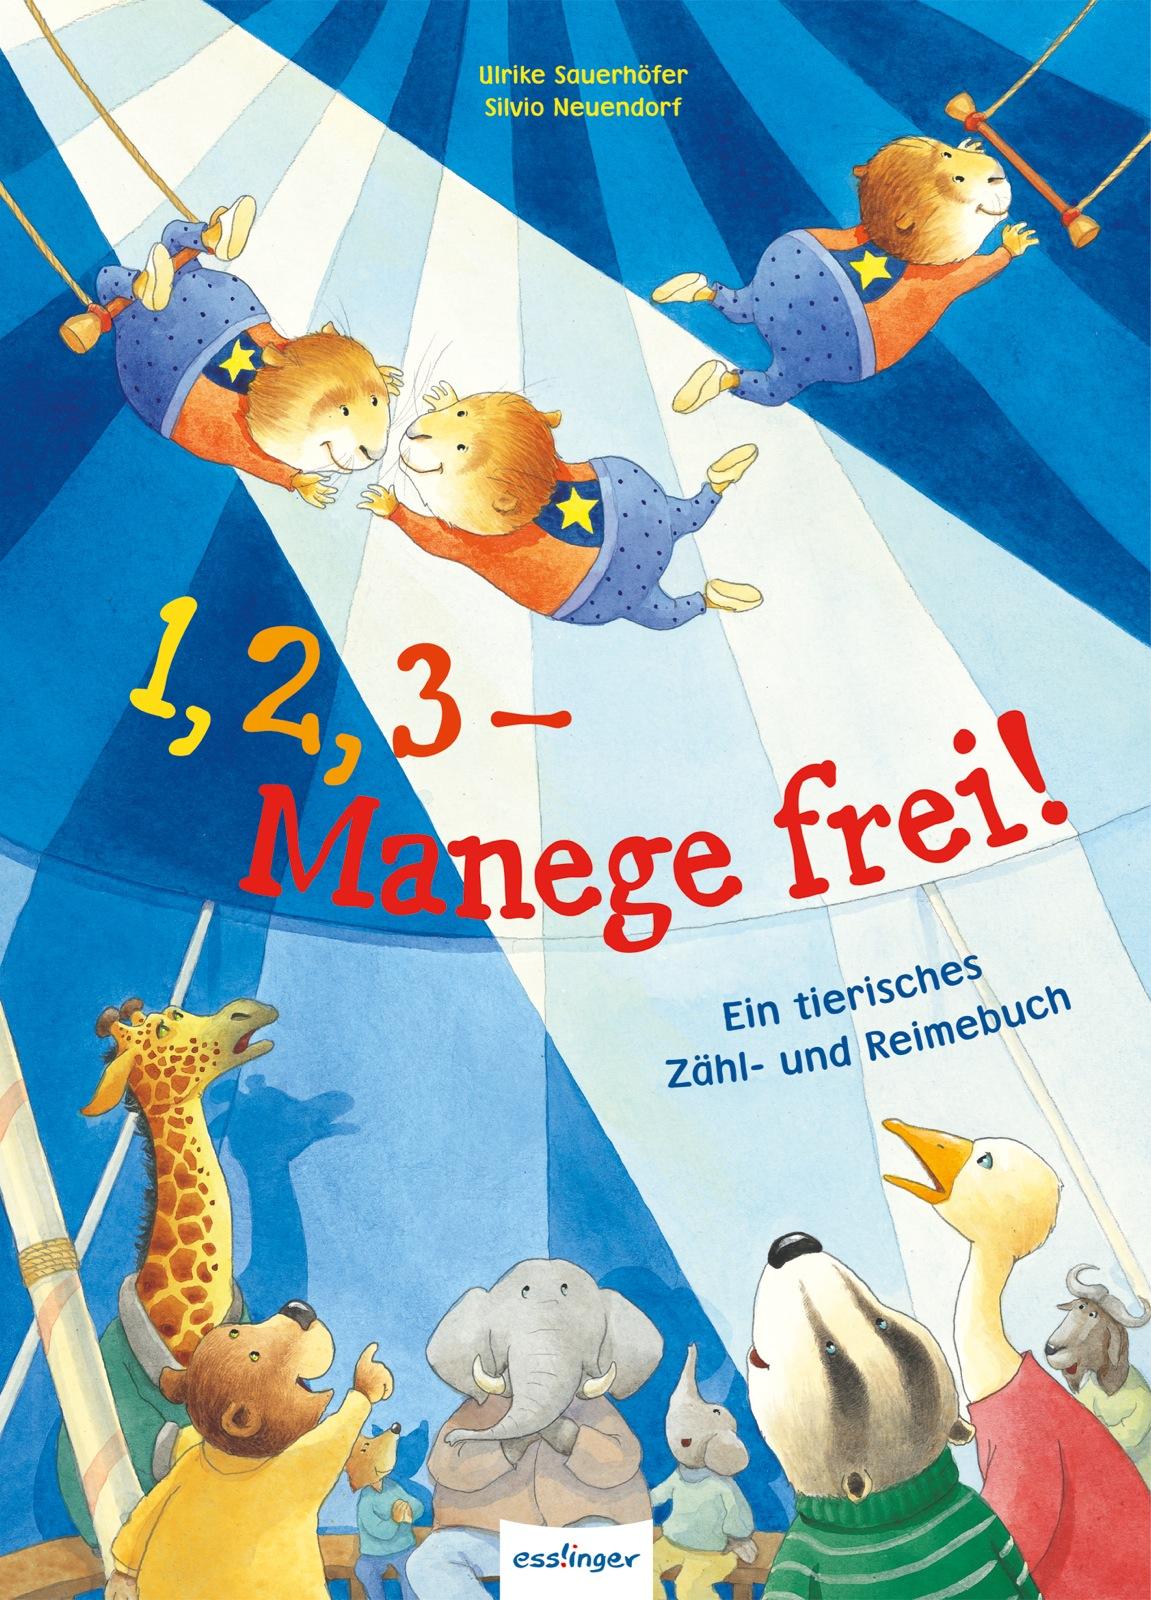 1,2,3 - Manege frei!: Ein tierisches Zähl- und ...